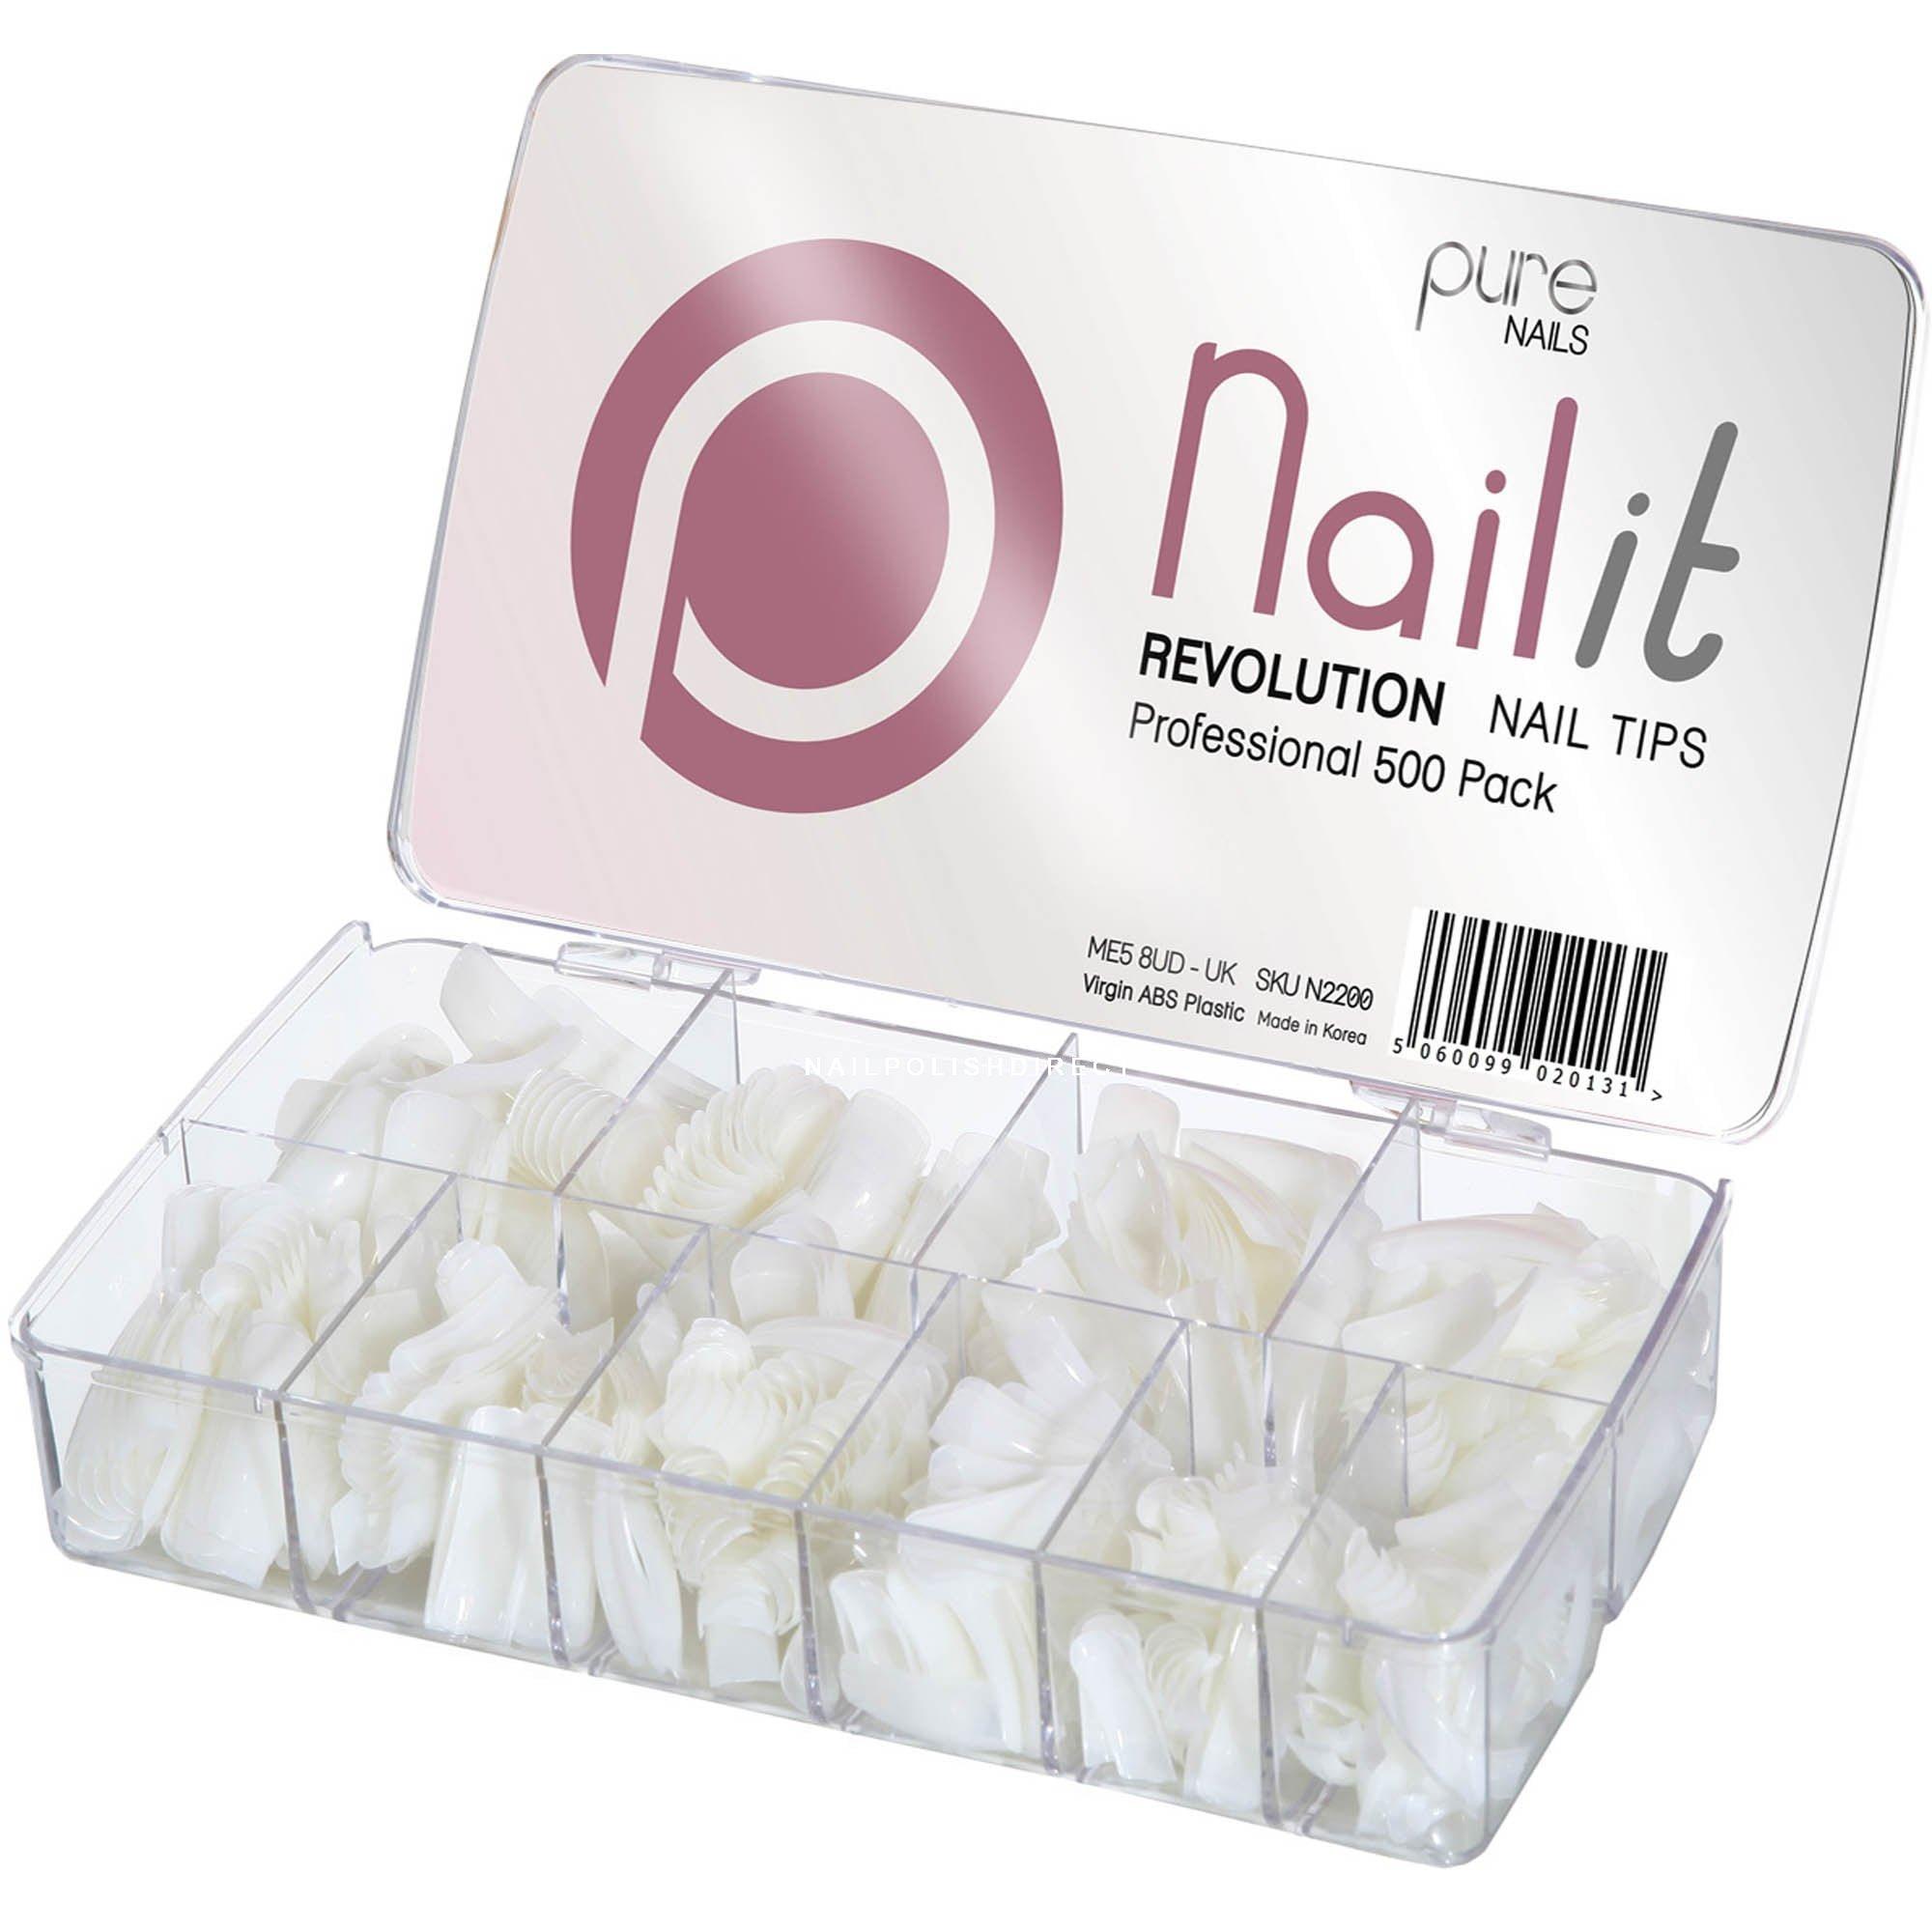 Pure Nails Revolution Nail Tips Pack 500 Nail Tips N2200